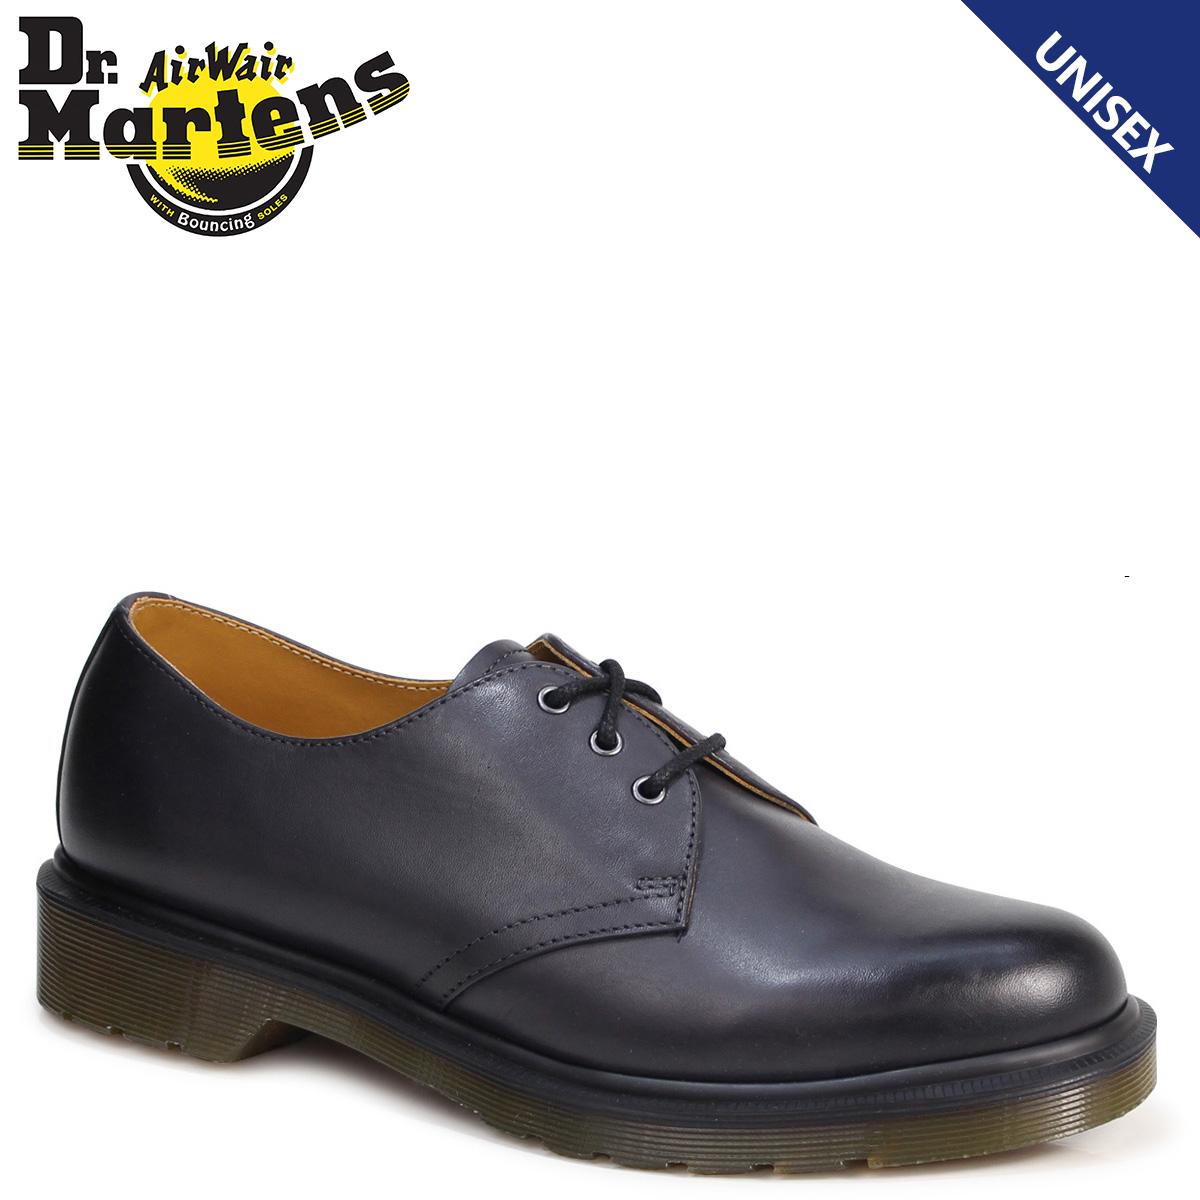 Dr.Martens 3ホール 1461 メンズ レディース ドクターマーチン オックスフォード シューズ 3EYELET SHOE R21153005 ブラック 黒